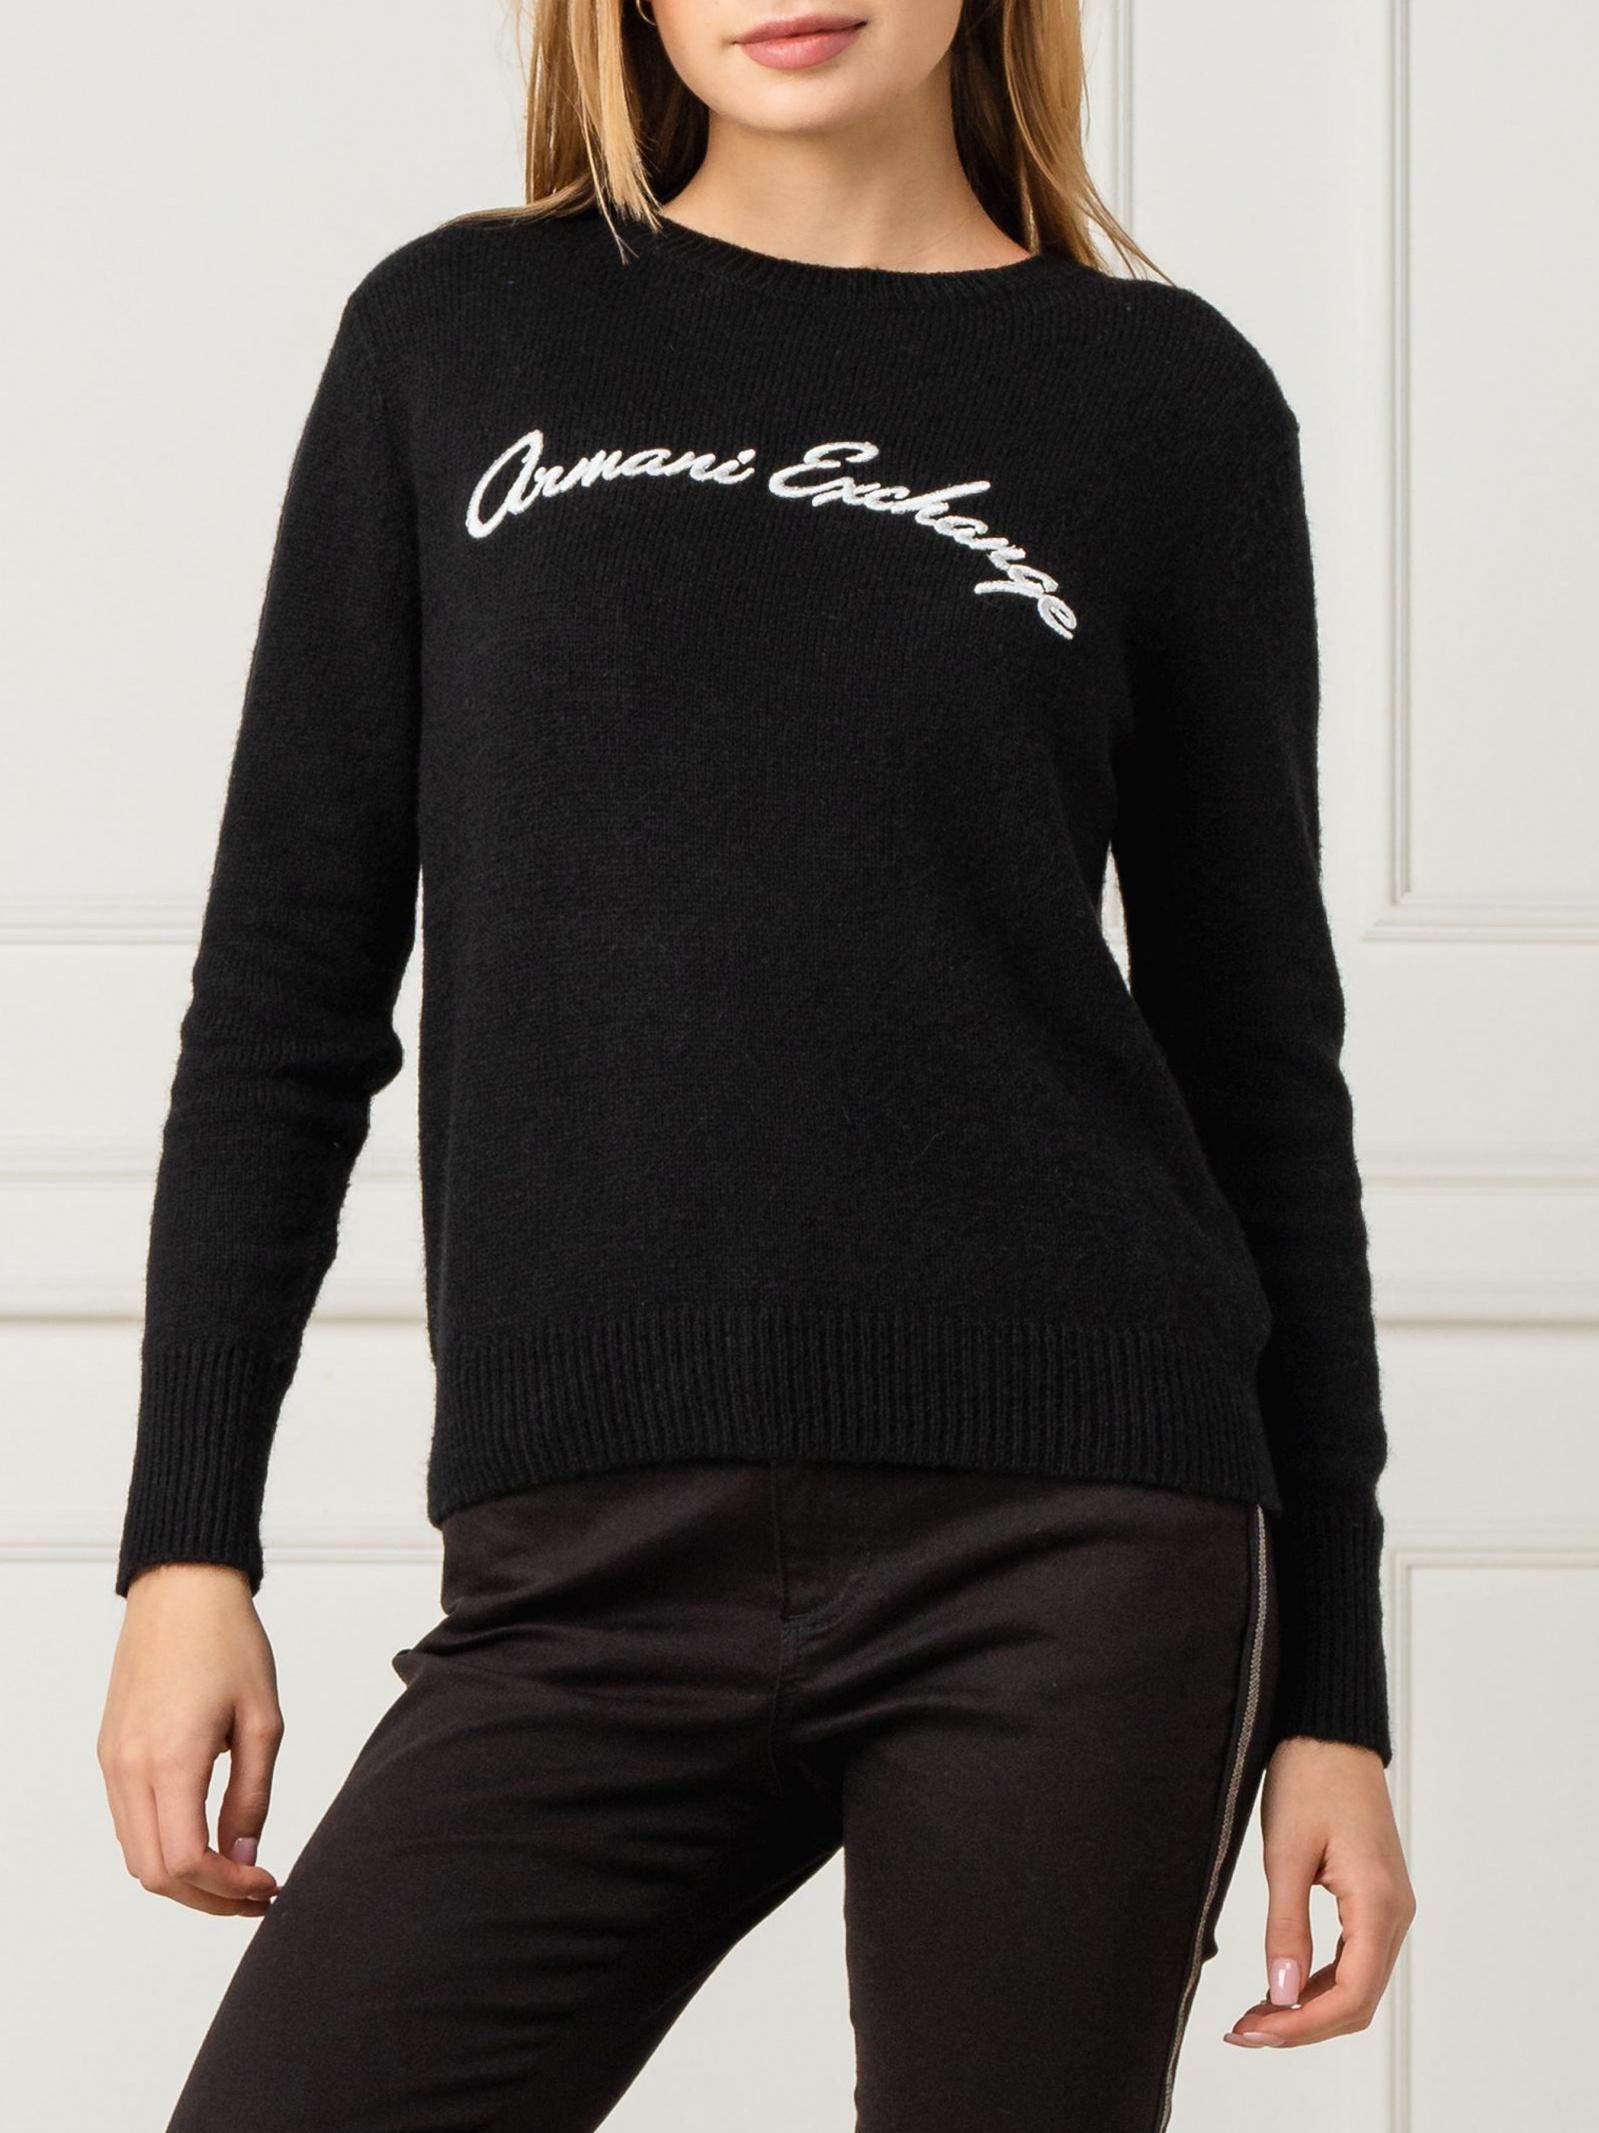 Кофты и свитера женские Armani Exchange модель QZ2057 купить, 2017